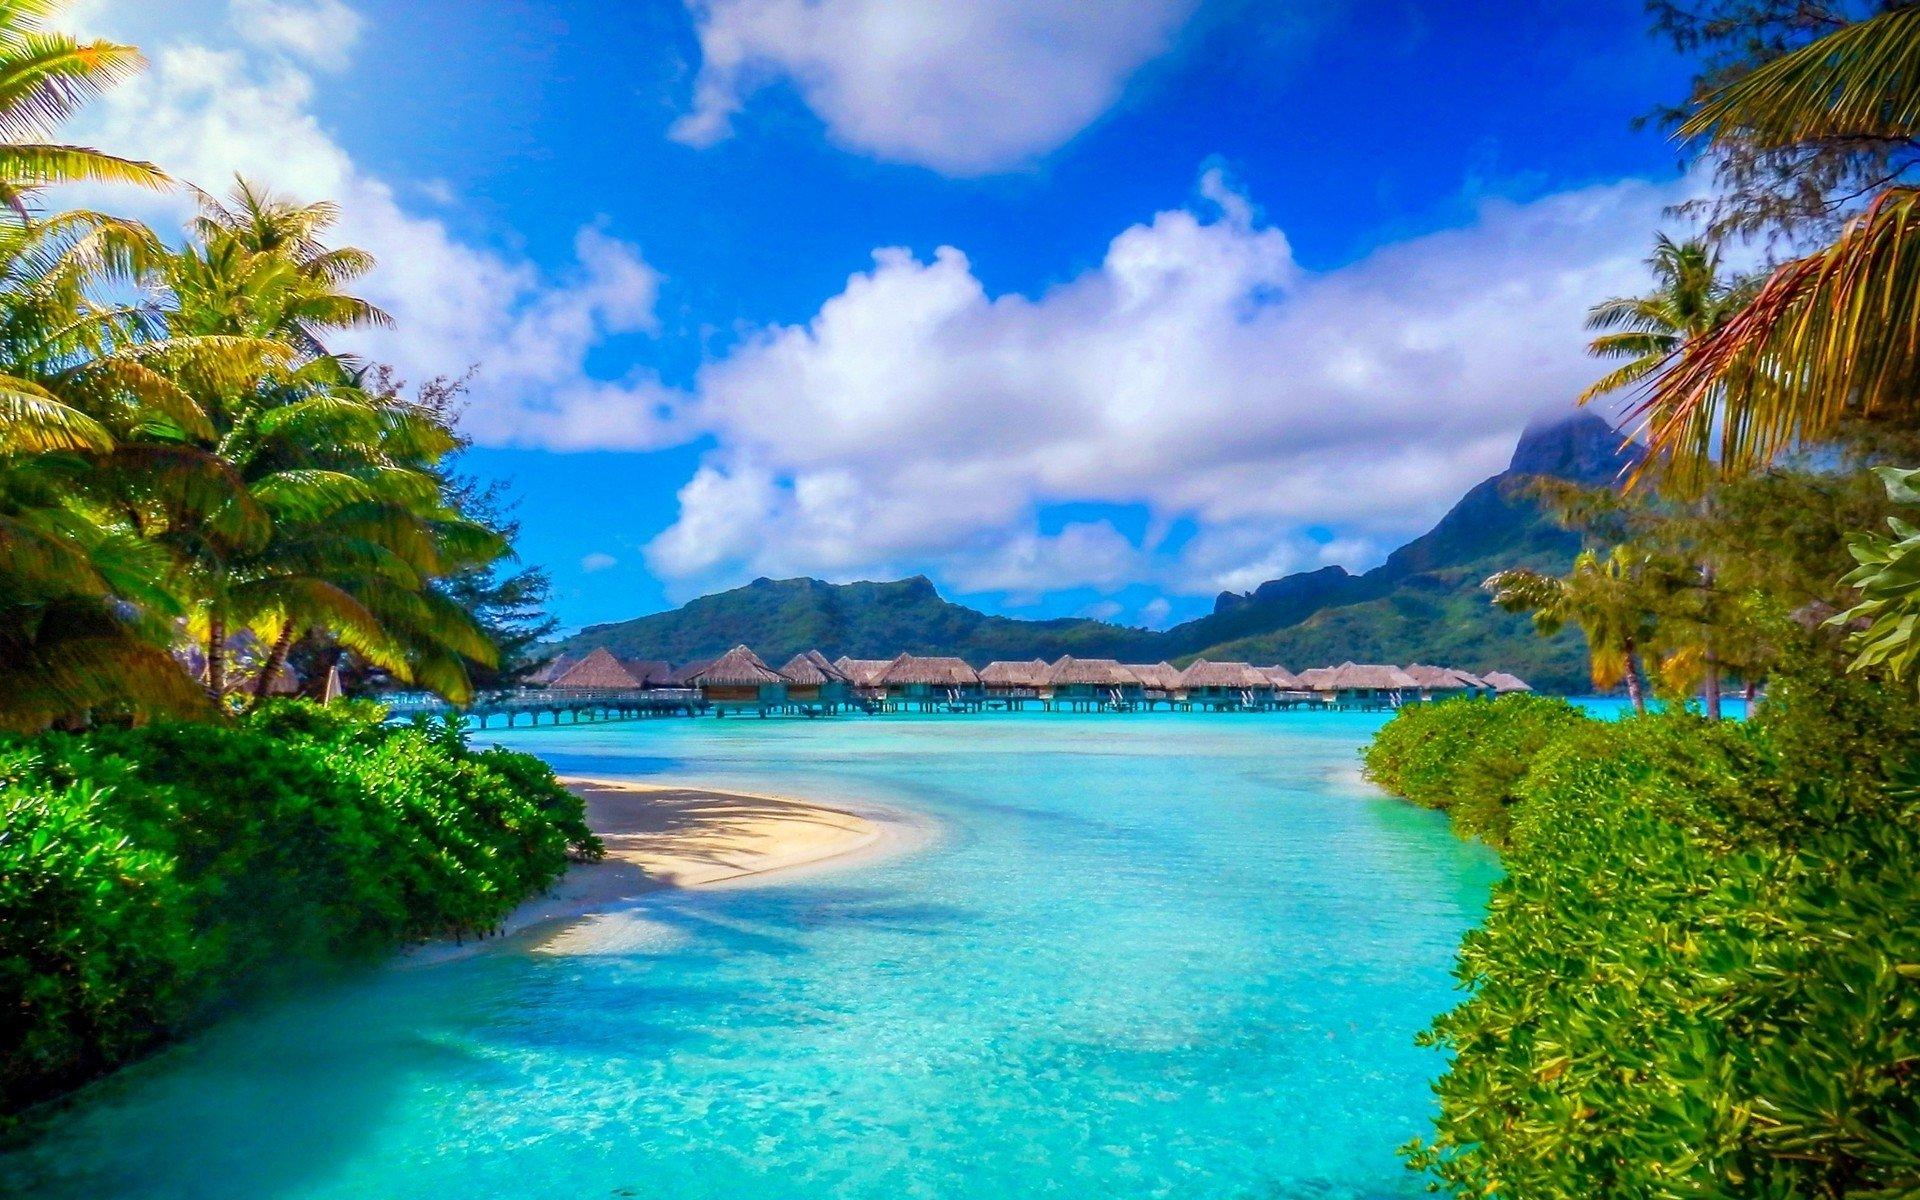 Scenic Beach Hd Photo Wallpaper: Resort In Bora Bora HD Wallpaper